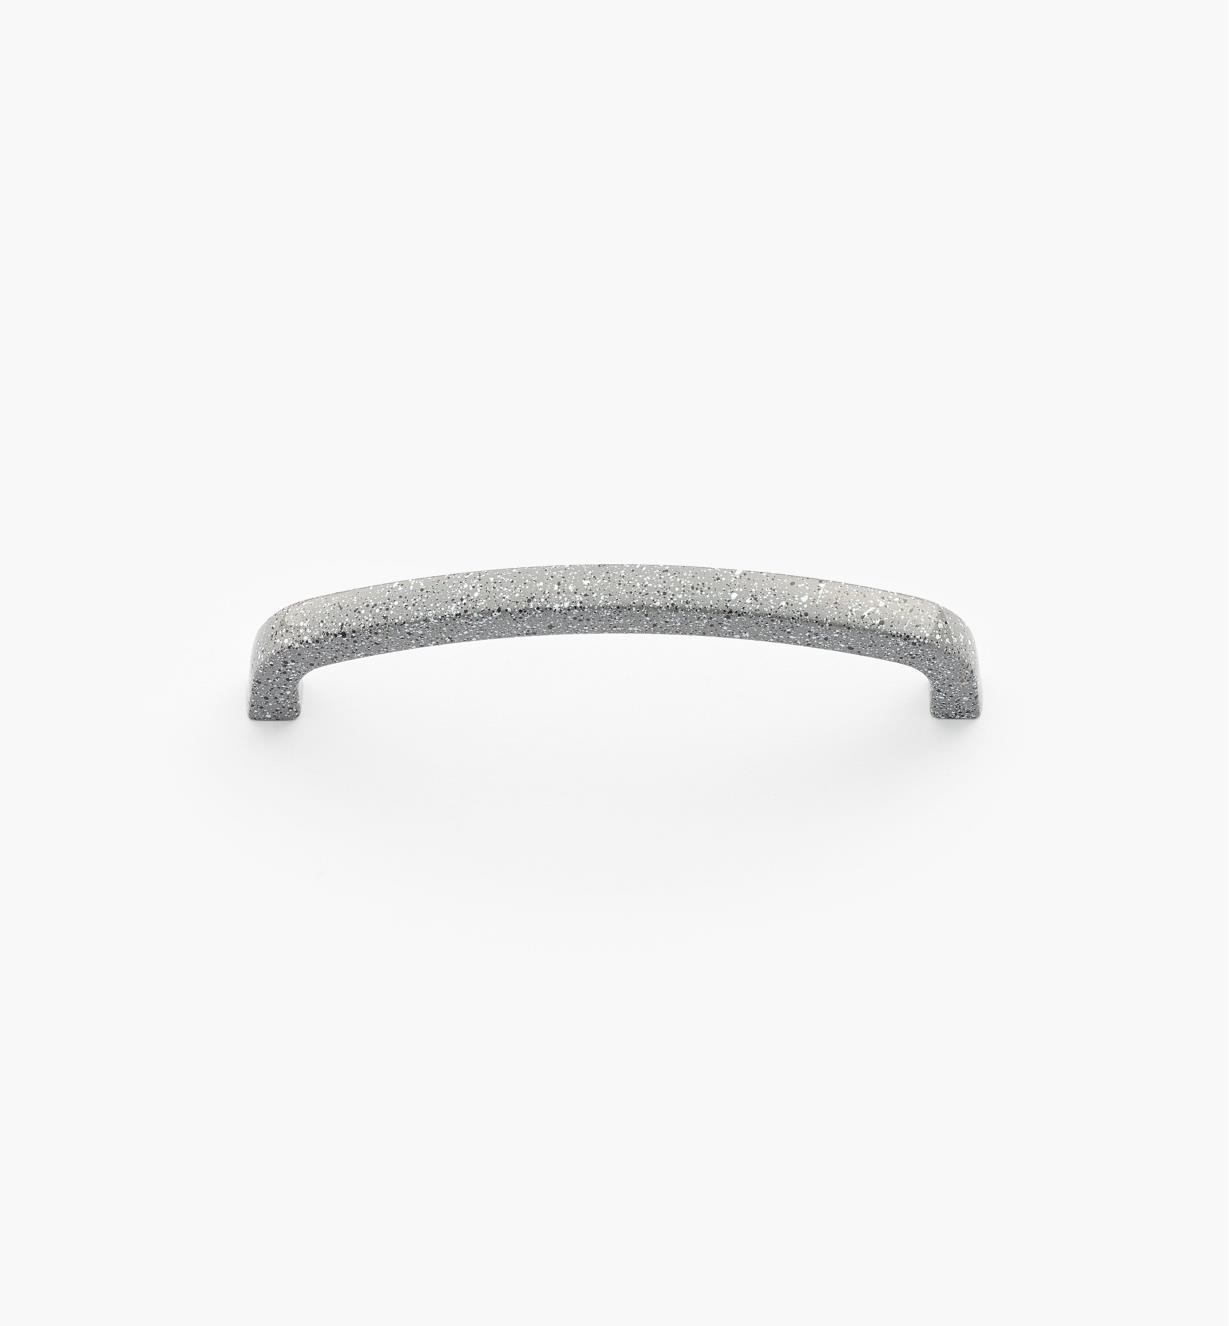 00W4522 - Poignée-fil carrée moulée sous pression, époxyde tacheté gris, 96 mm